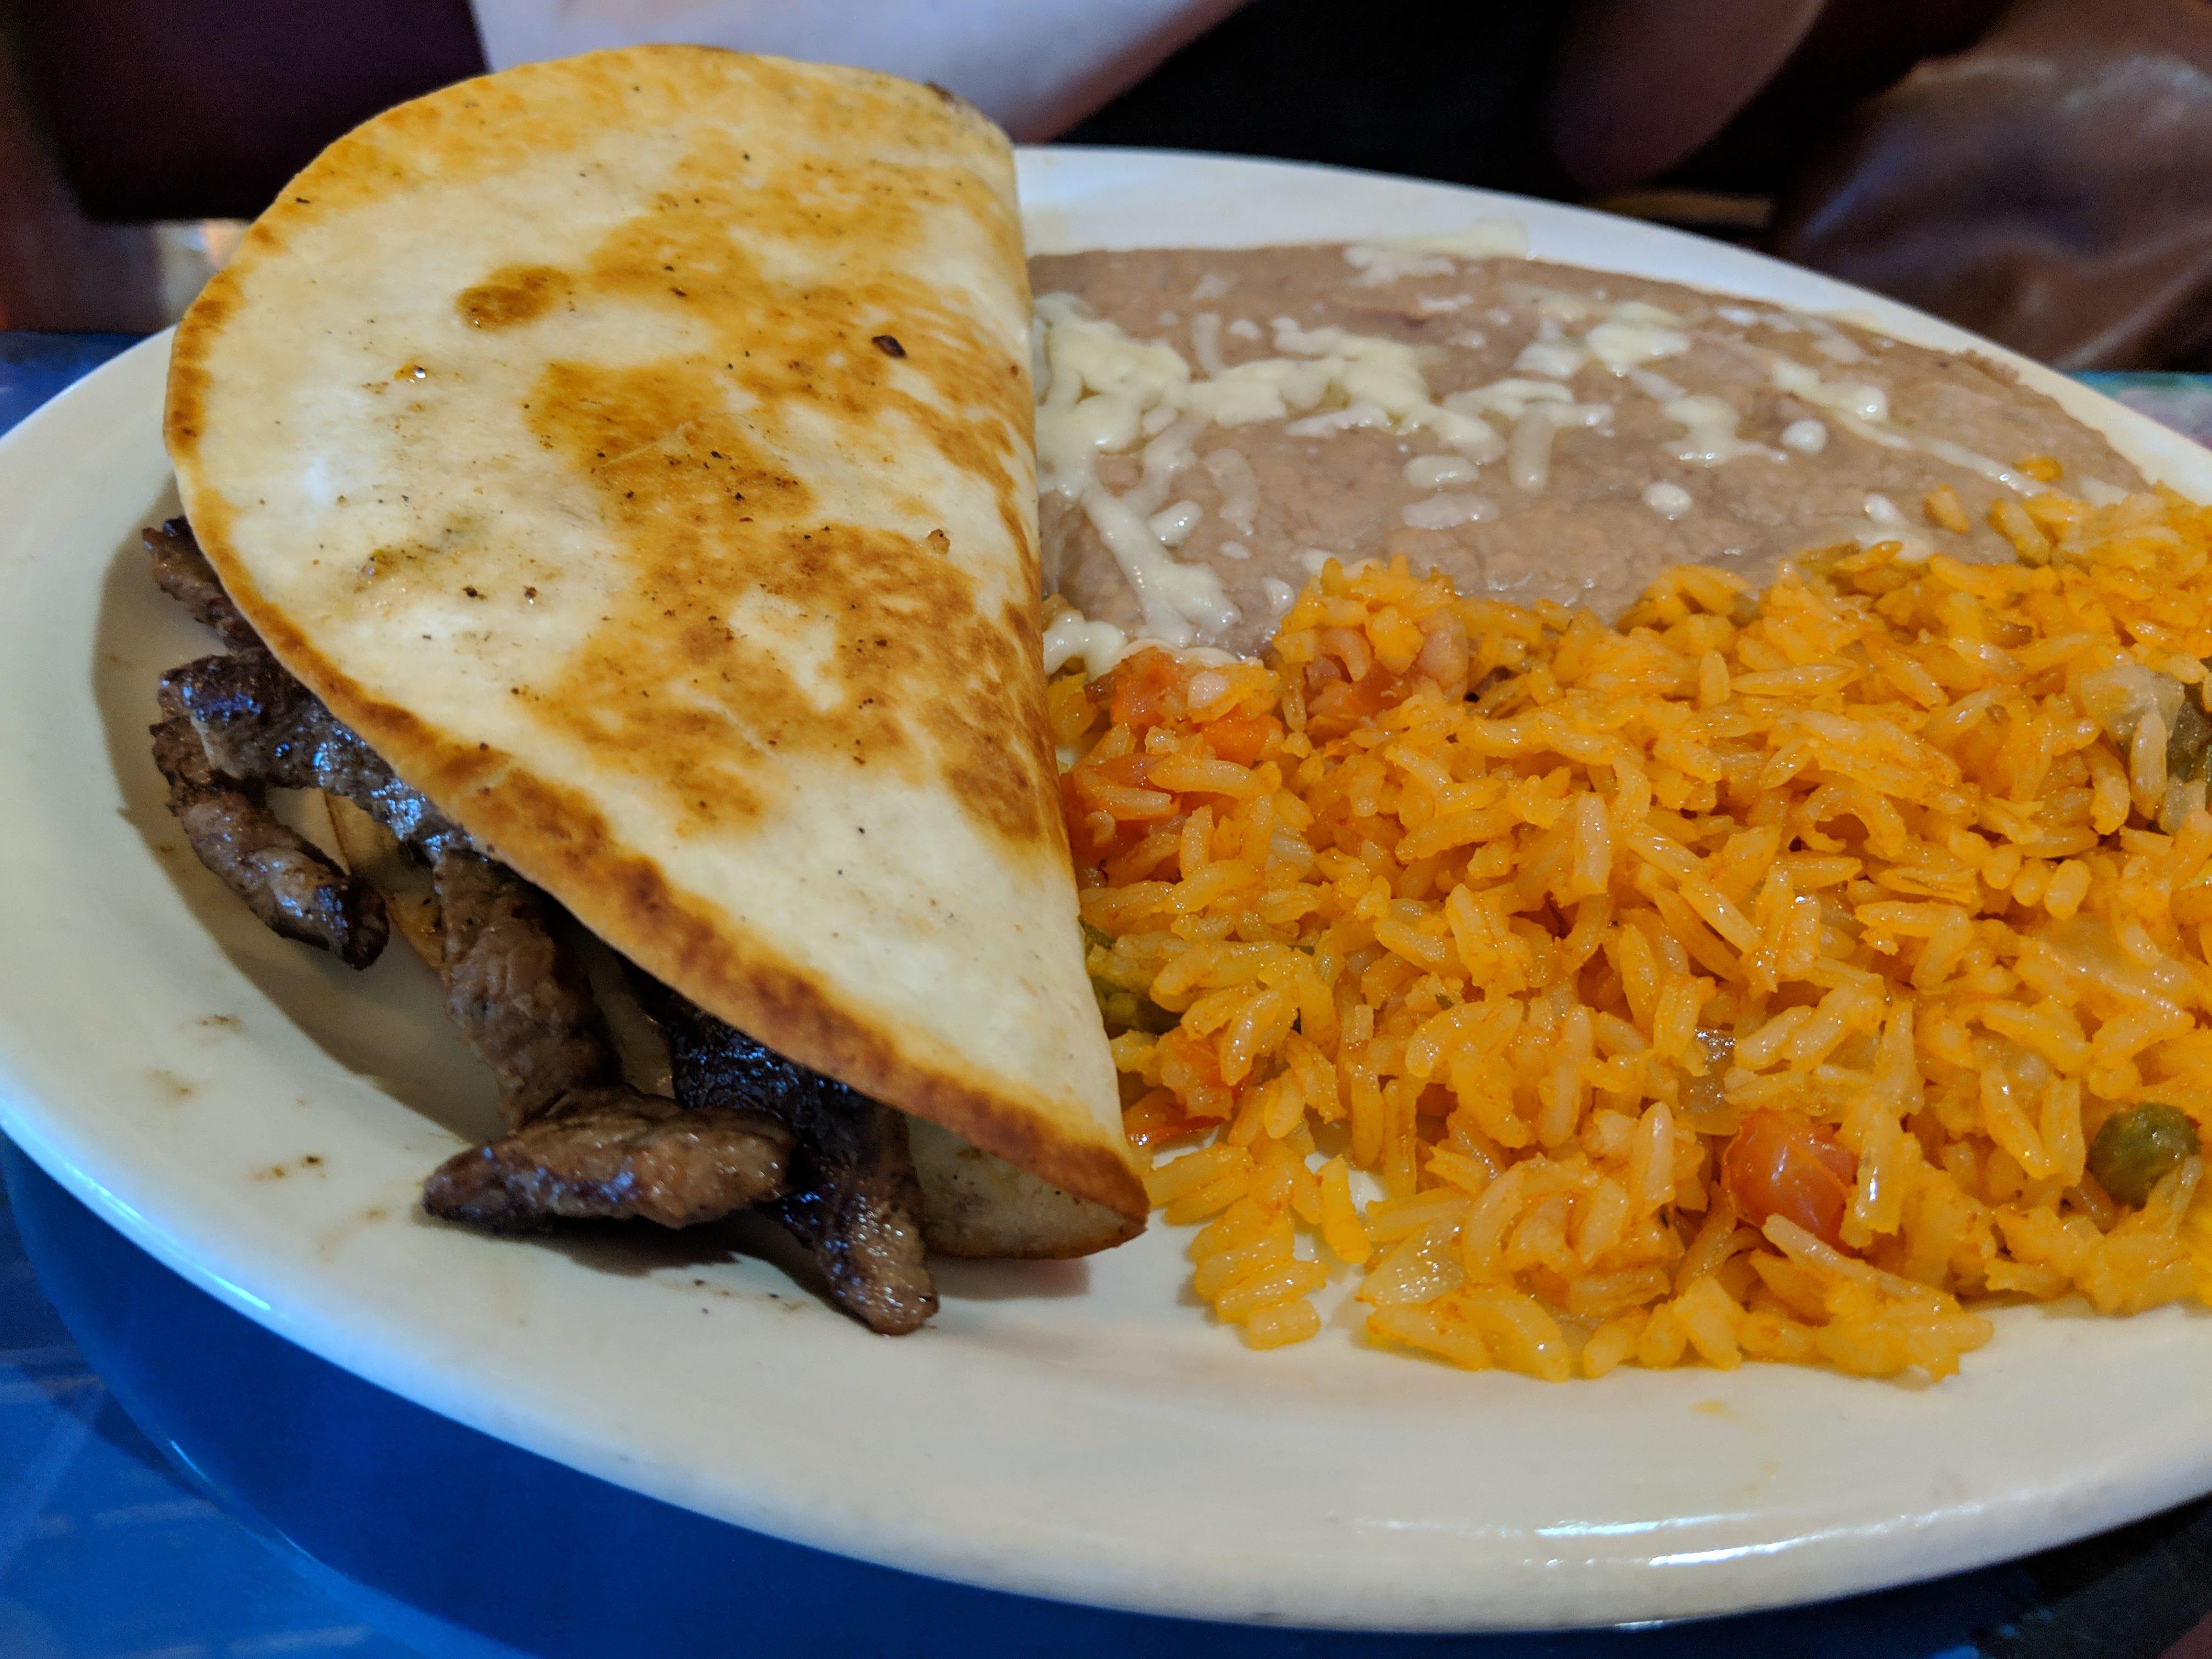 The lunch quesadilla fajita at El Tapatio Authentic Mexican Restaurant.